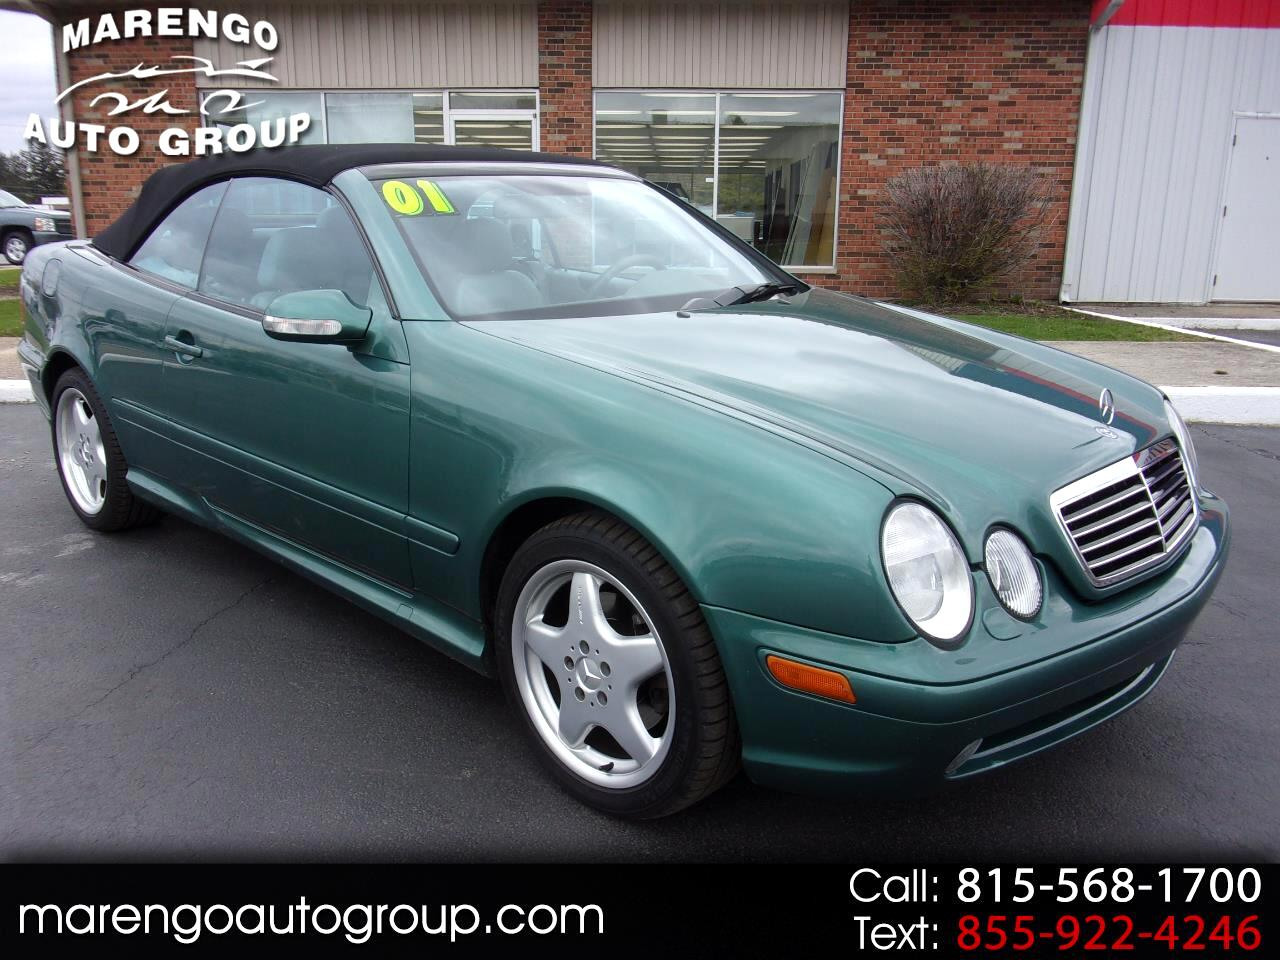 Mercedes-Benz CLK-Class 2dr Cabriolet 4.3L 2001